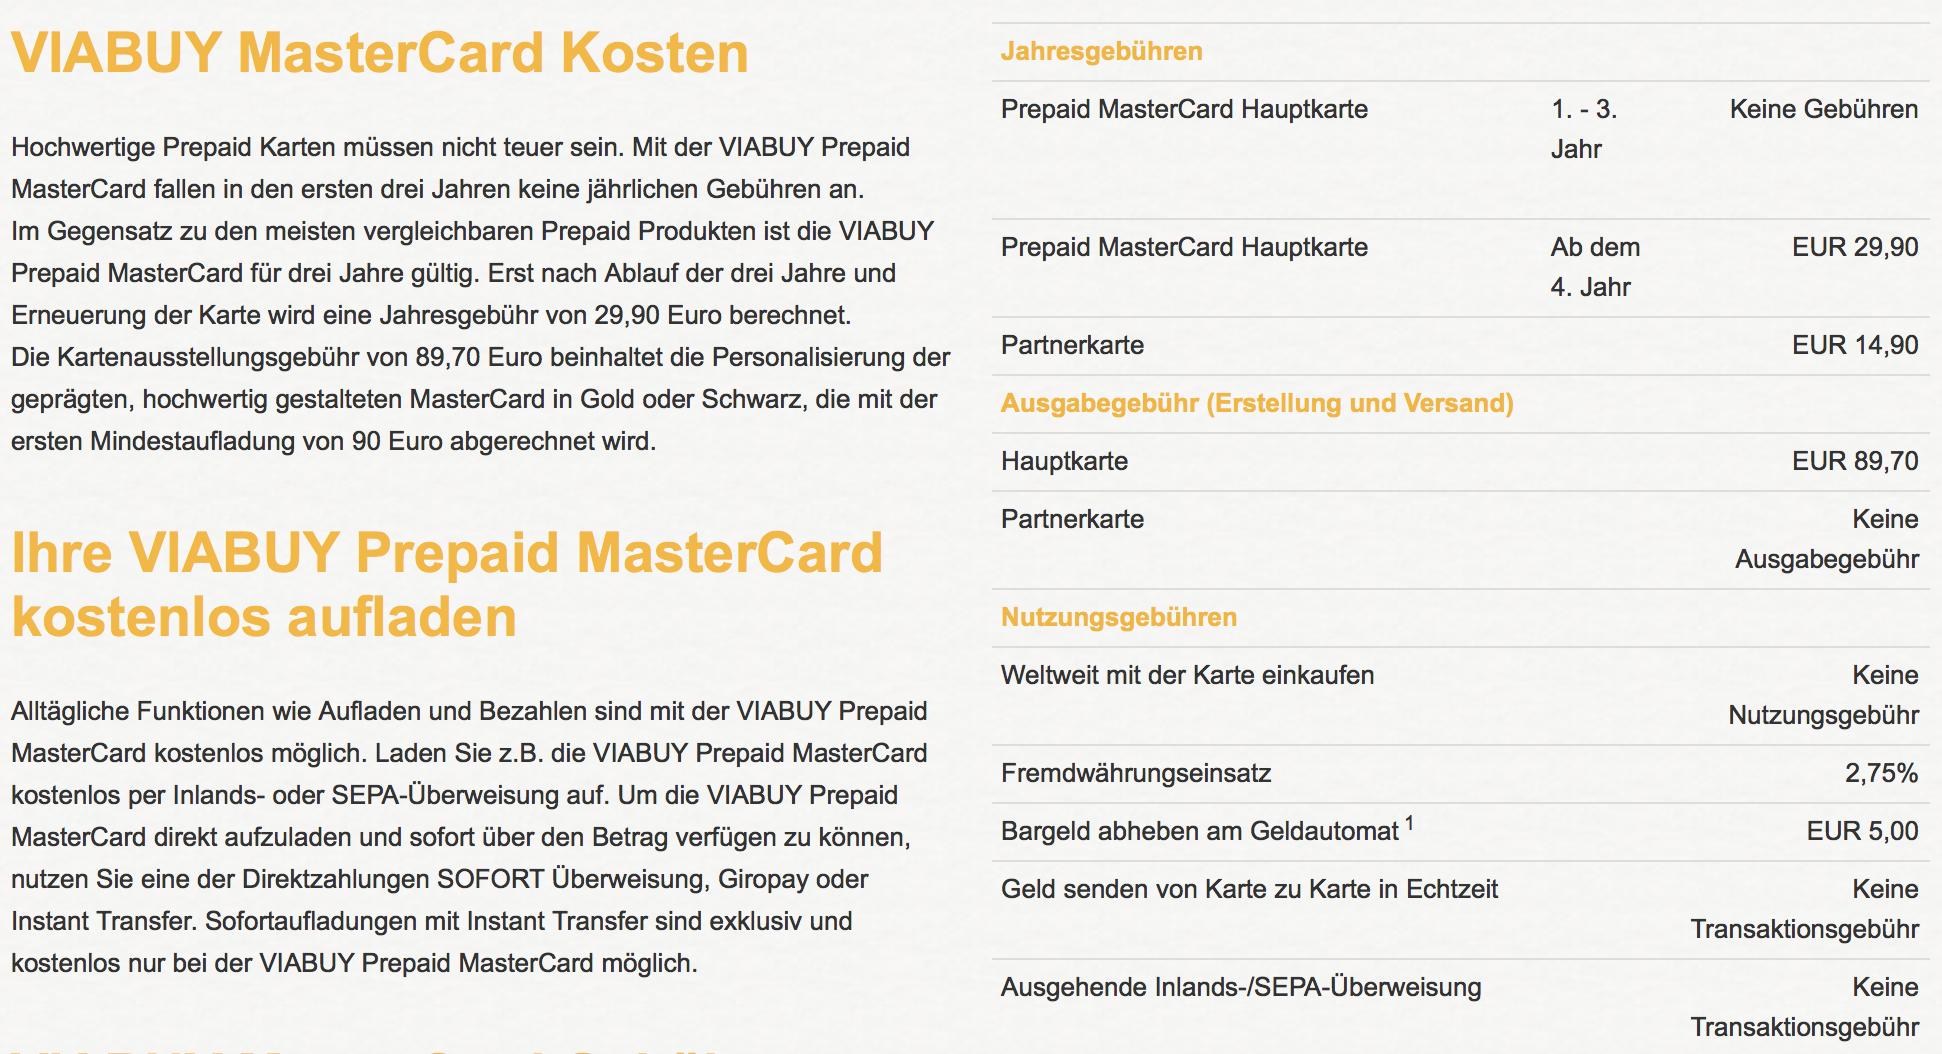 Alle Kosten für die VIABUY MasterCard im Überblick